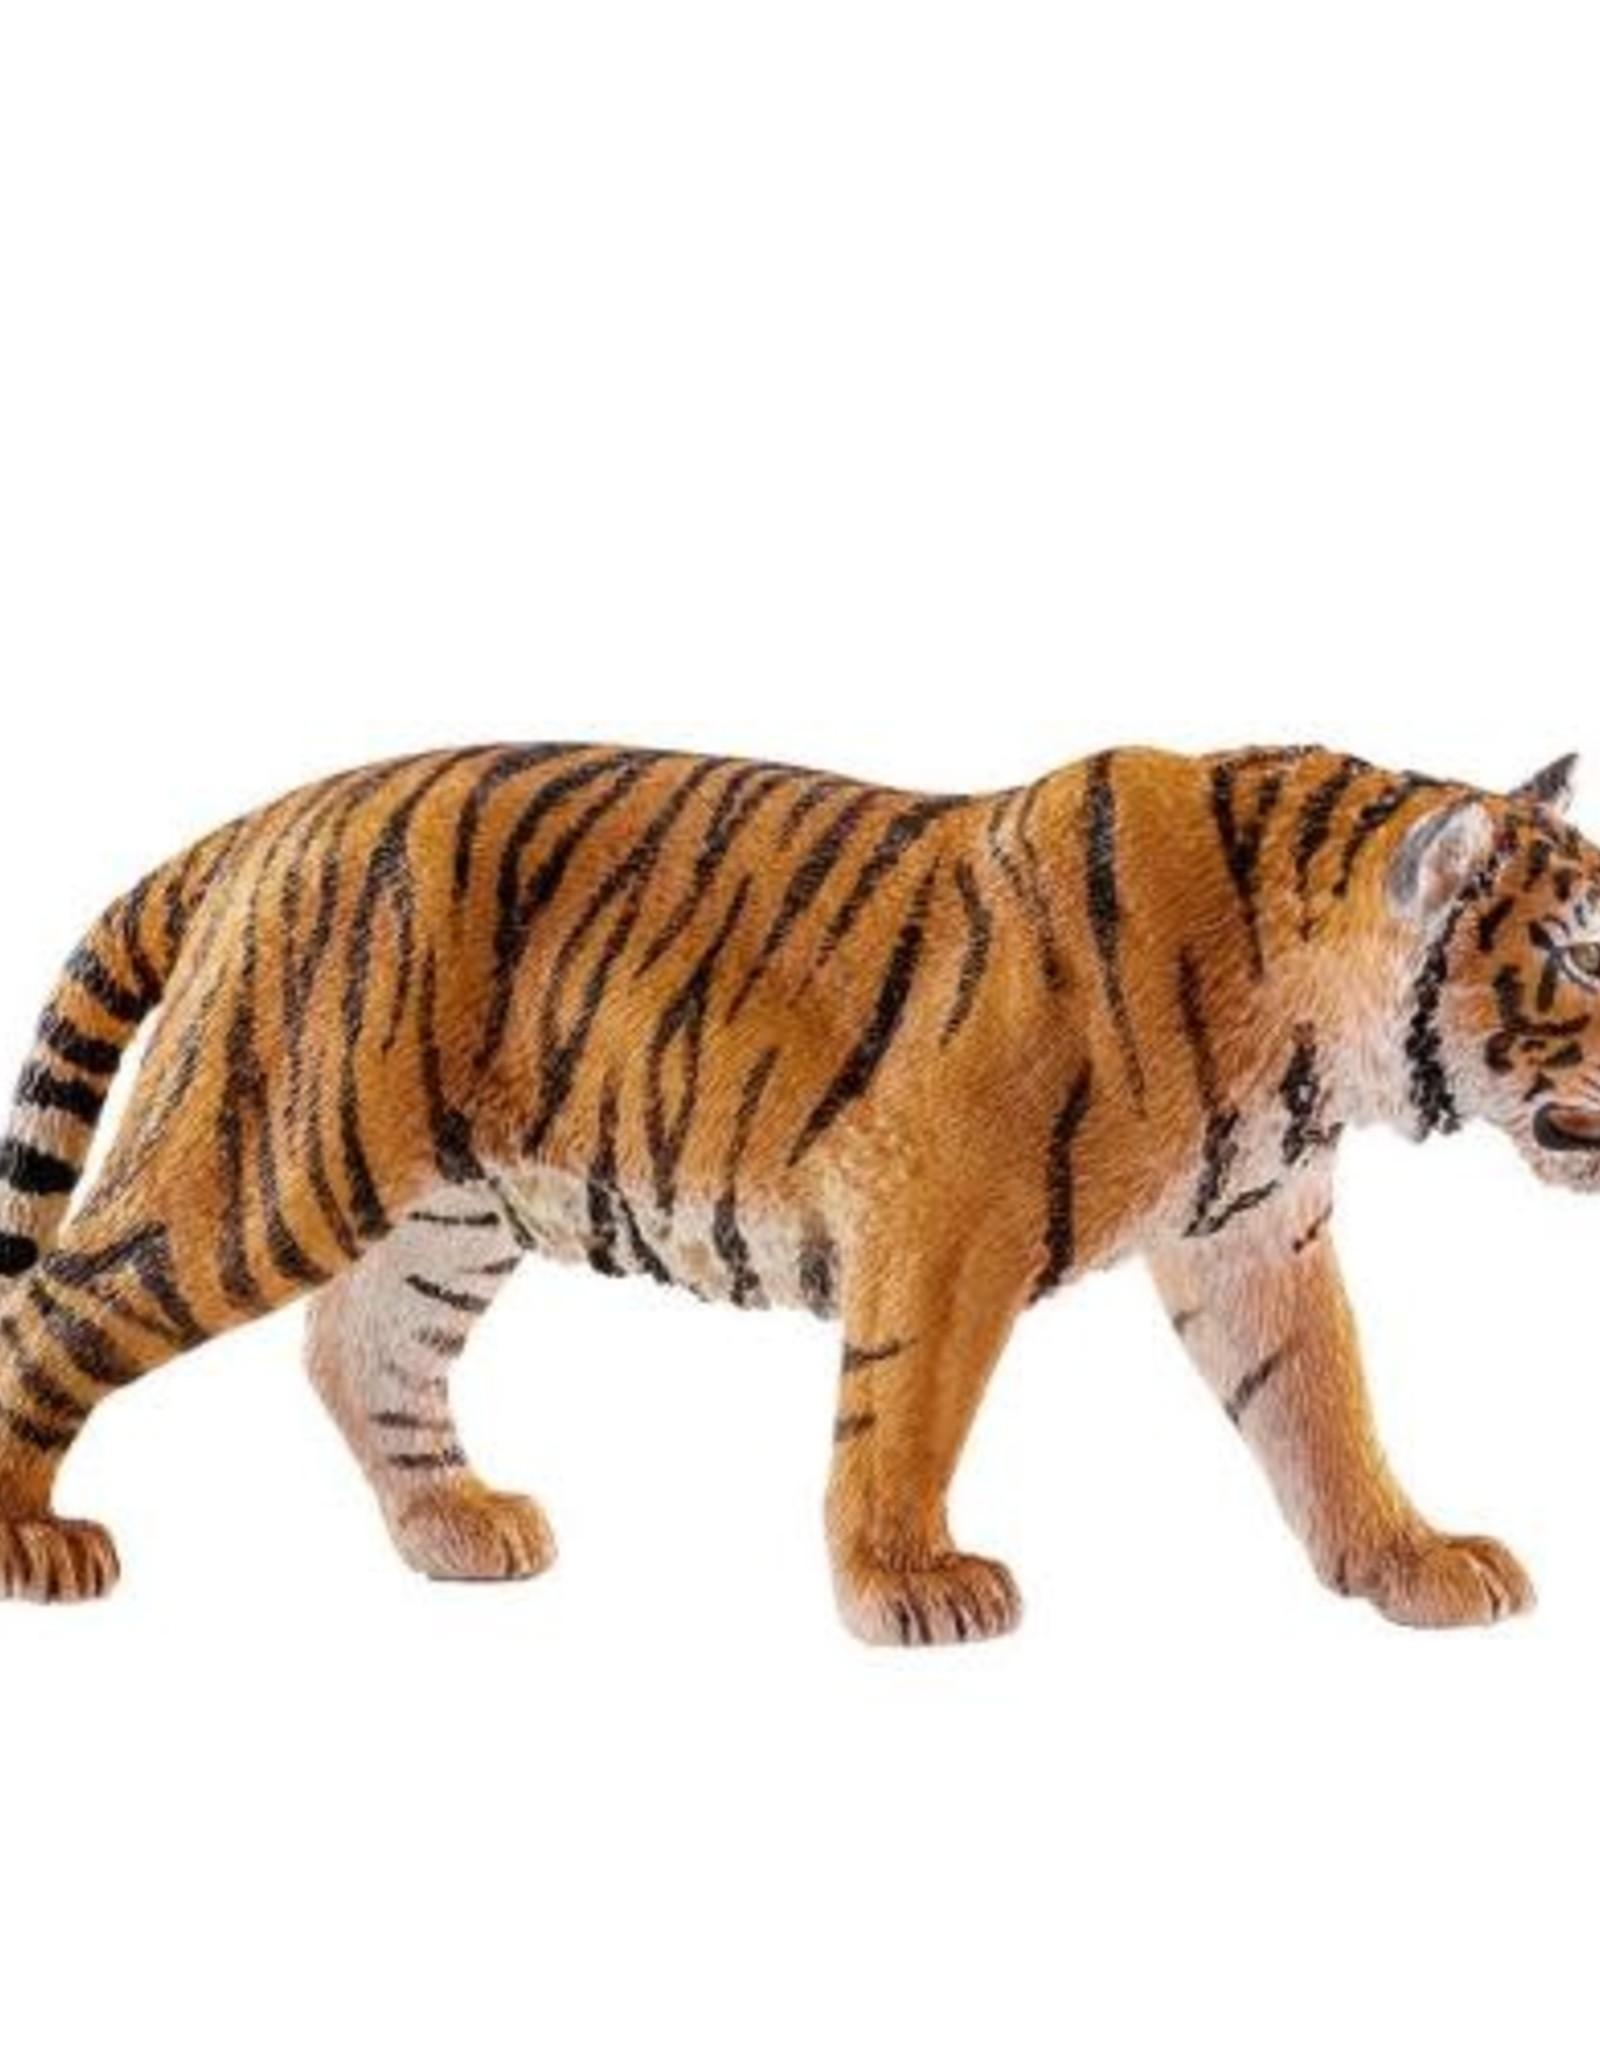 Schleich Schleich Wild Life - Tiger